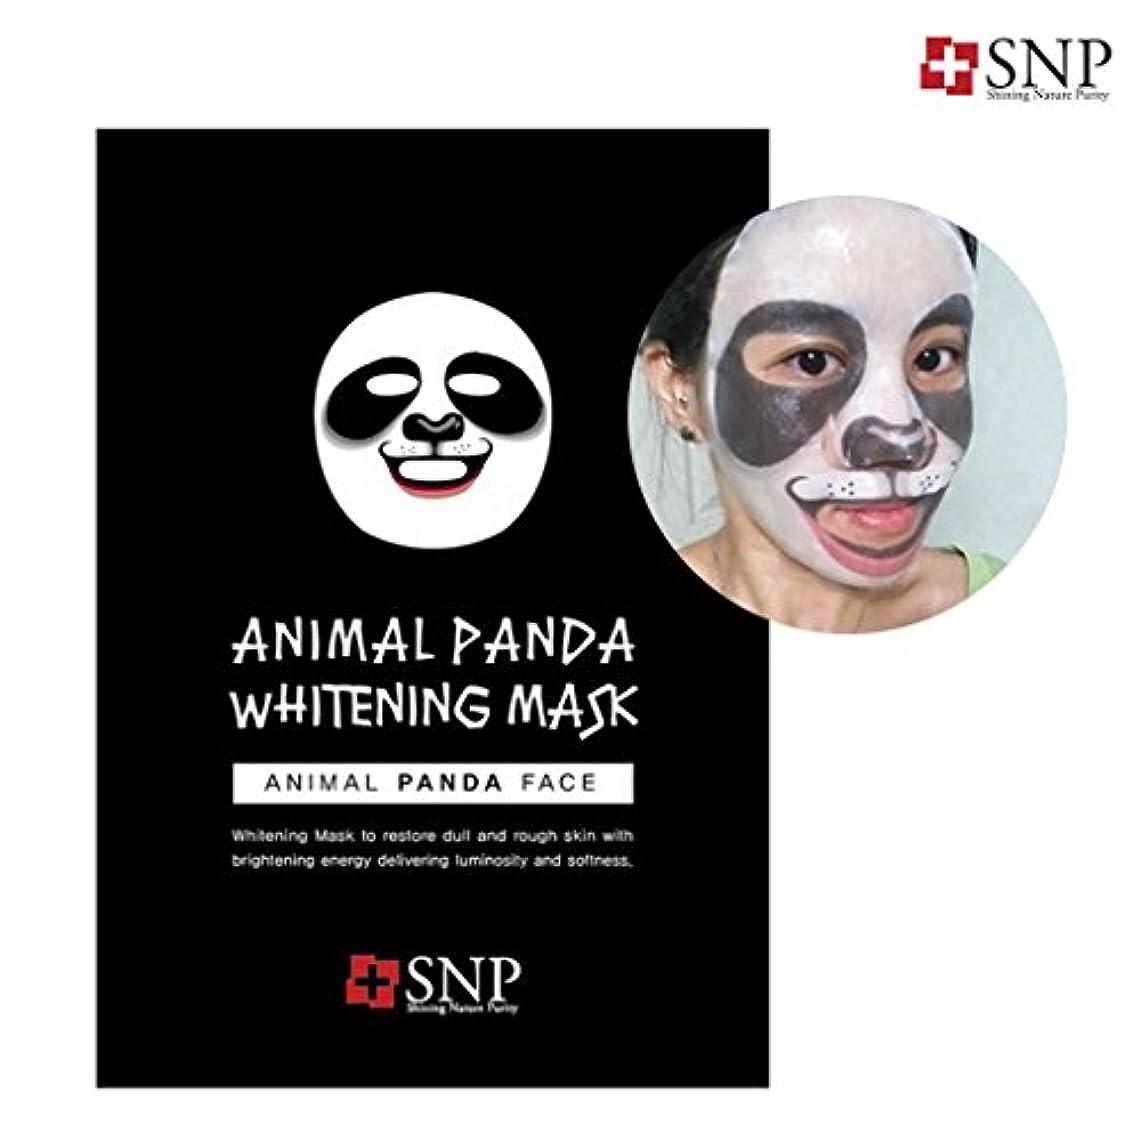 輝度ハイブリッドボリュームSNP アニマル パンダーホワイトニング マスク 10枚 / animal fanda whitening wrinkle mask 10ea[海外直送品]